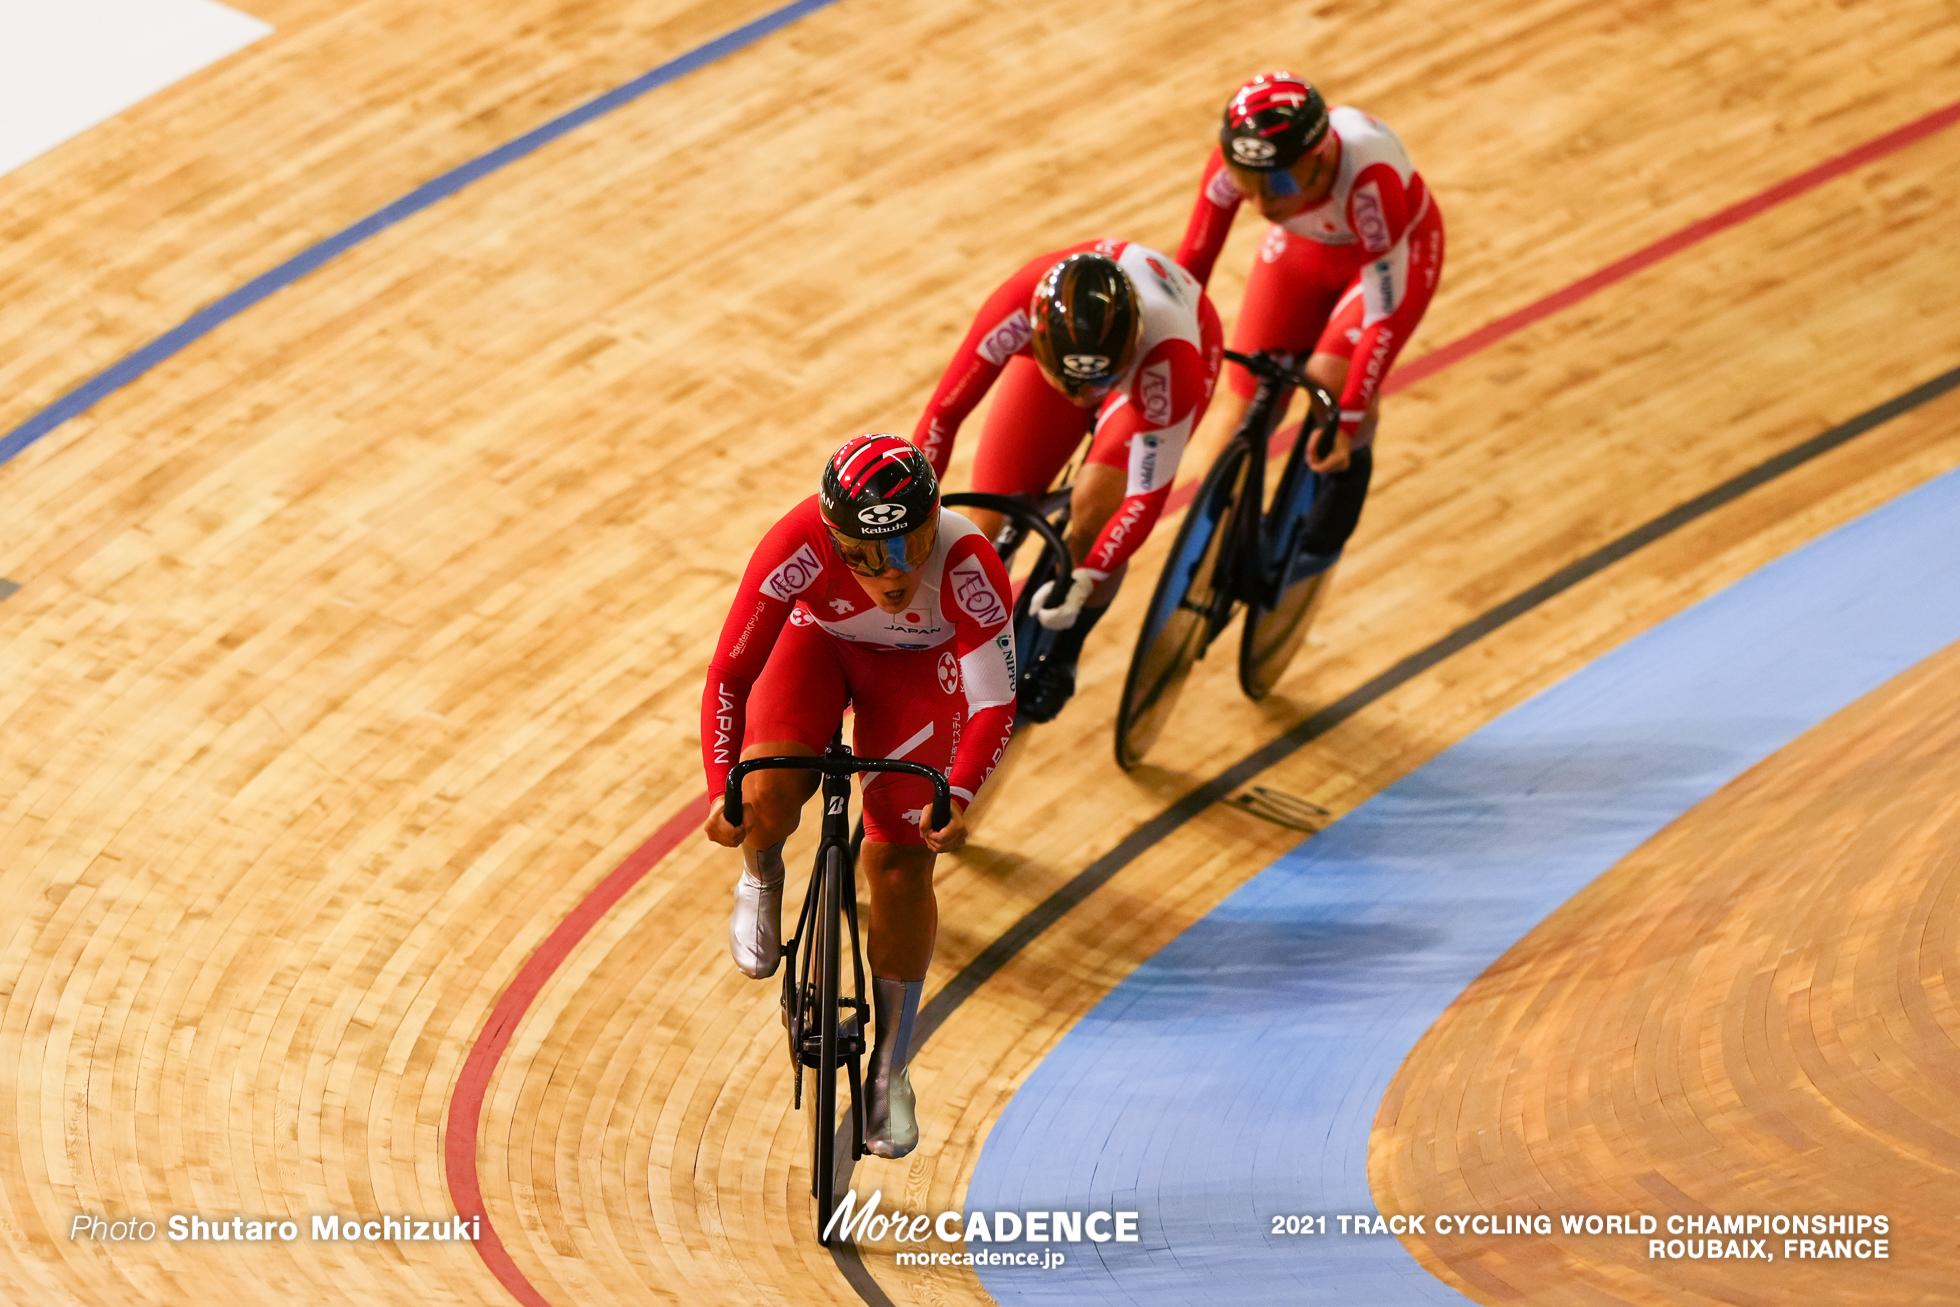 梅川風子 太田りゆ 佐藤水菜 Women's Team Sprint Qualifying / 2021 Track Cycling World Championships, Roubaix,Umekawa Fuko(JPN)梅川風子, Ohta Riyu(JPN)太田りゆ, Sato Mina(JPN)佐藤水菜